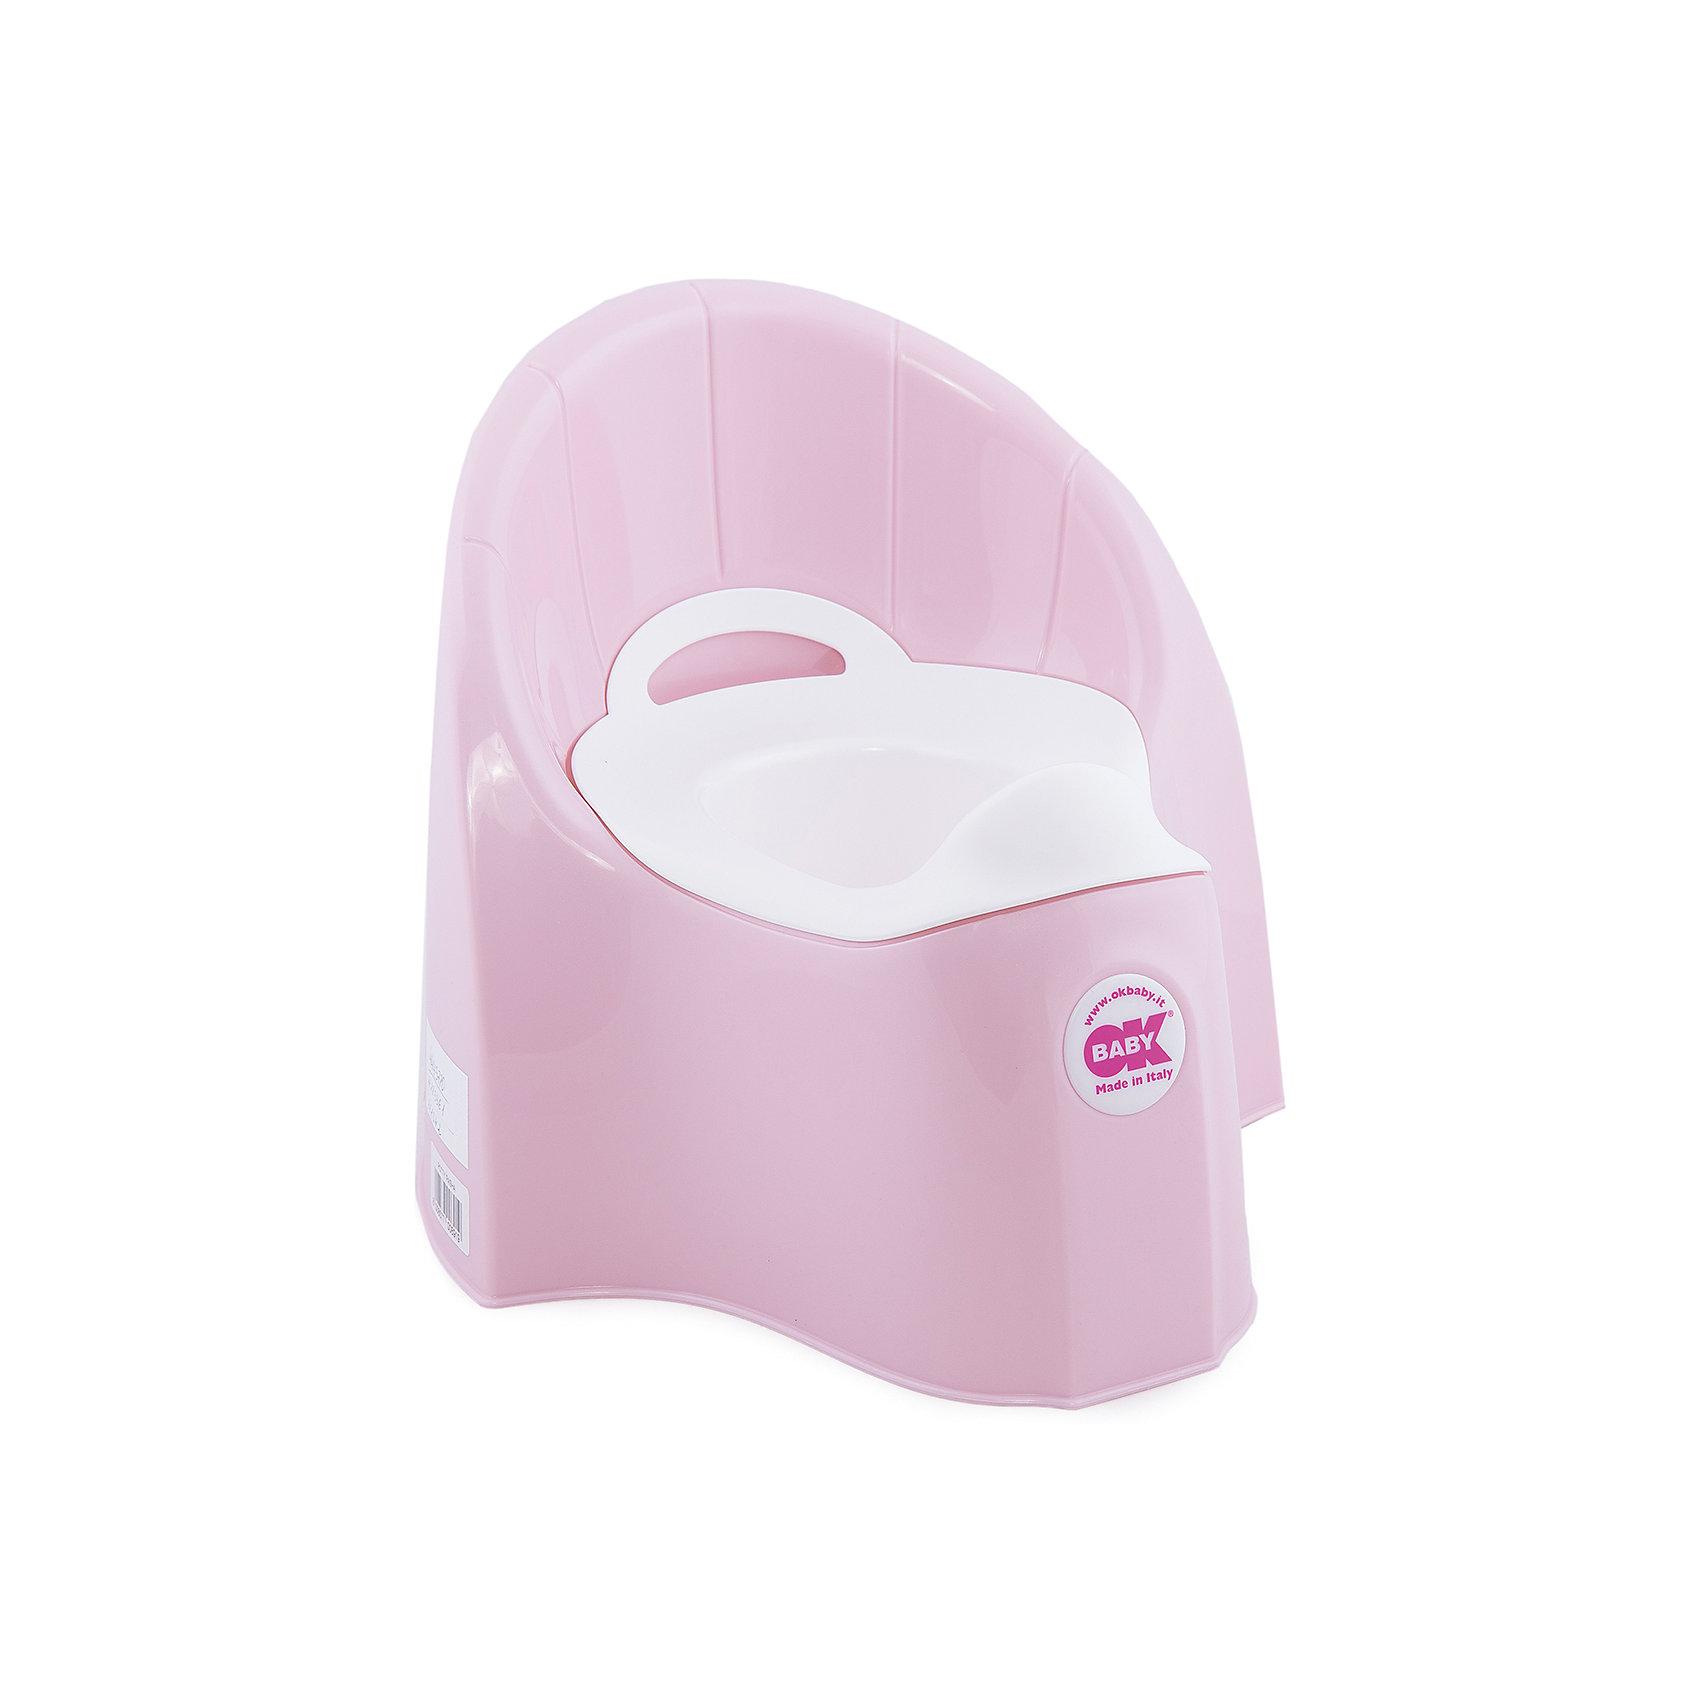 Горшок Pasha, Ok Baby, светло-розовыйГоршки, сиденья для унитаза, стульчики-подставки<br>Горшок имеет анатомическое сиденье и съемную емкость для удобной очистки. Яркий горшок со спинкой обязательно понравится ребенку и обеспечит ему максимальный комфорт, что является важным фактором в приучении ребенка к туалету. Изделие выполнено из высококачественного прочного пластика, для большей устойчивости оснащено антискользящей накладкой внизу.  <br><br>Дополнительная информация:<br><br>- Материал: пластик.<br>- Размер: 33,5 x 36,5 x 31 см.<br>- Съемная ёмкость.<br>- Удобная спинка.<br><br>Горшок Pasha, Ok Baby, светло-розовый, можно купить в нашем магазине.<br><br>Ширина мм: 365<br>Глубина мм: 335<br>Высота мм: 310<br>Вес г: 2500<br>Возраст от месяцев: 6<br>Возраст до месяцев: 36<br>Пол: Унисекс<br>Возраст: Детский<br>SKU: 4443780